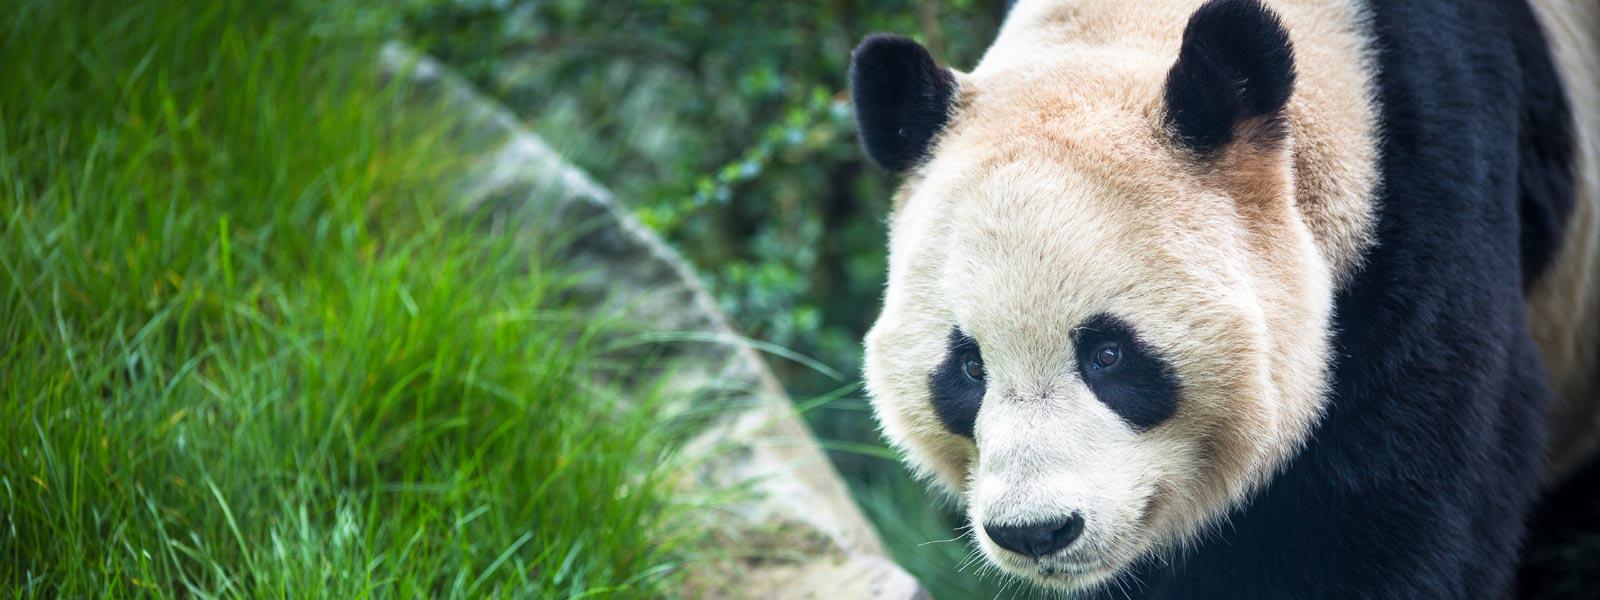 Giant panda walking across grass